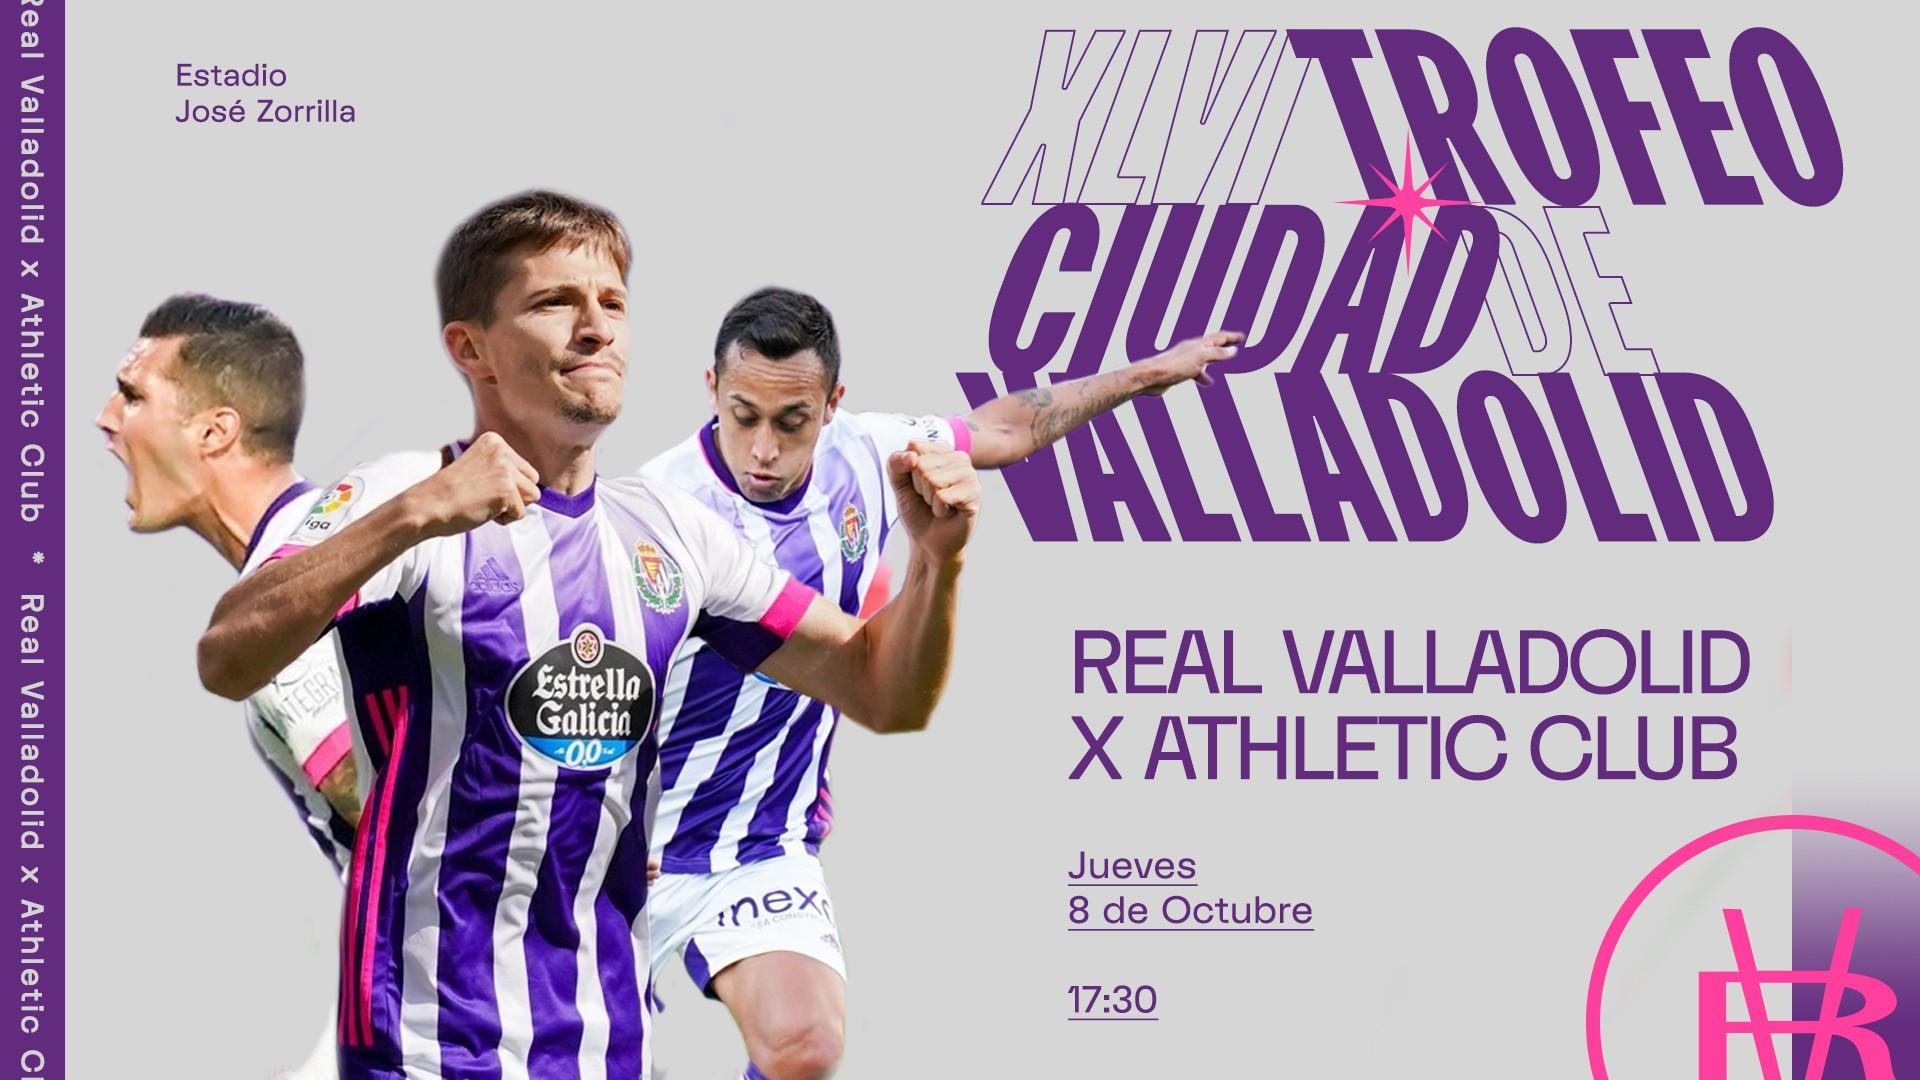 XLVI Trofeo Ciudad de Valladolid. Real Valladolid C.F. - Athletic Club de Bilbao. Trofeo-Ciudad